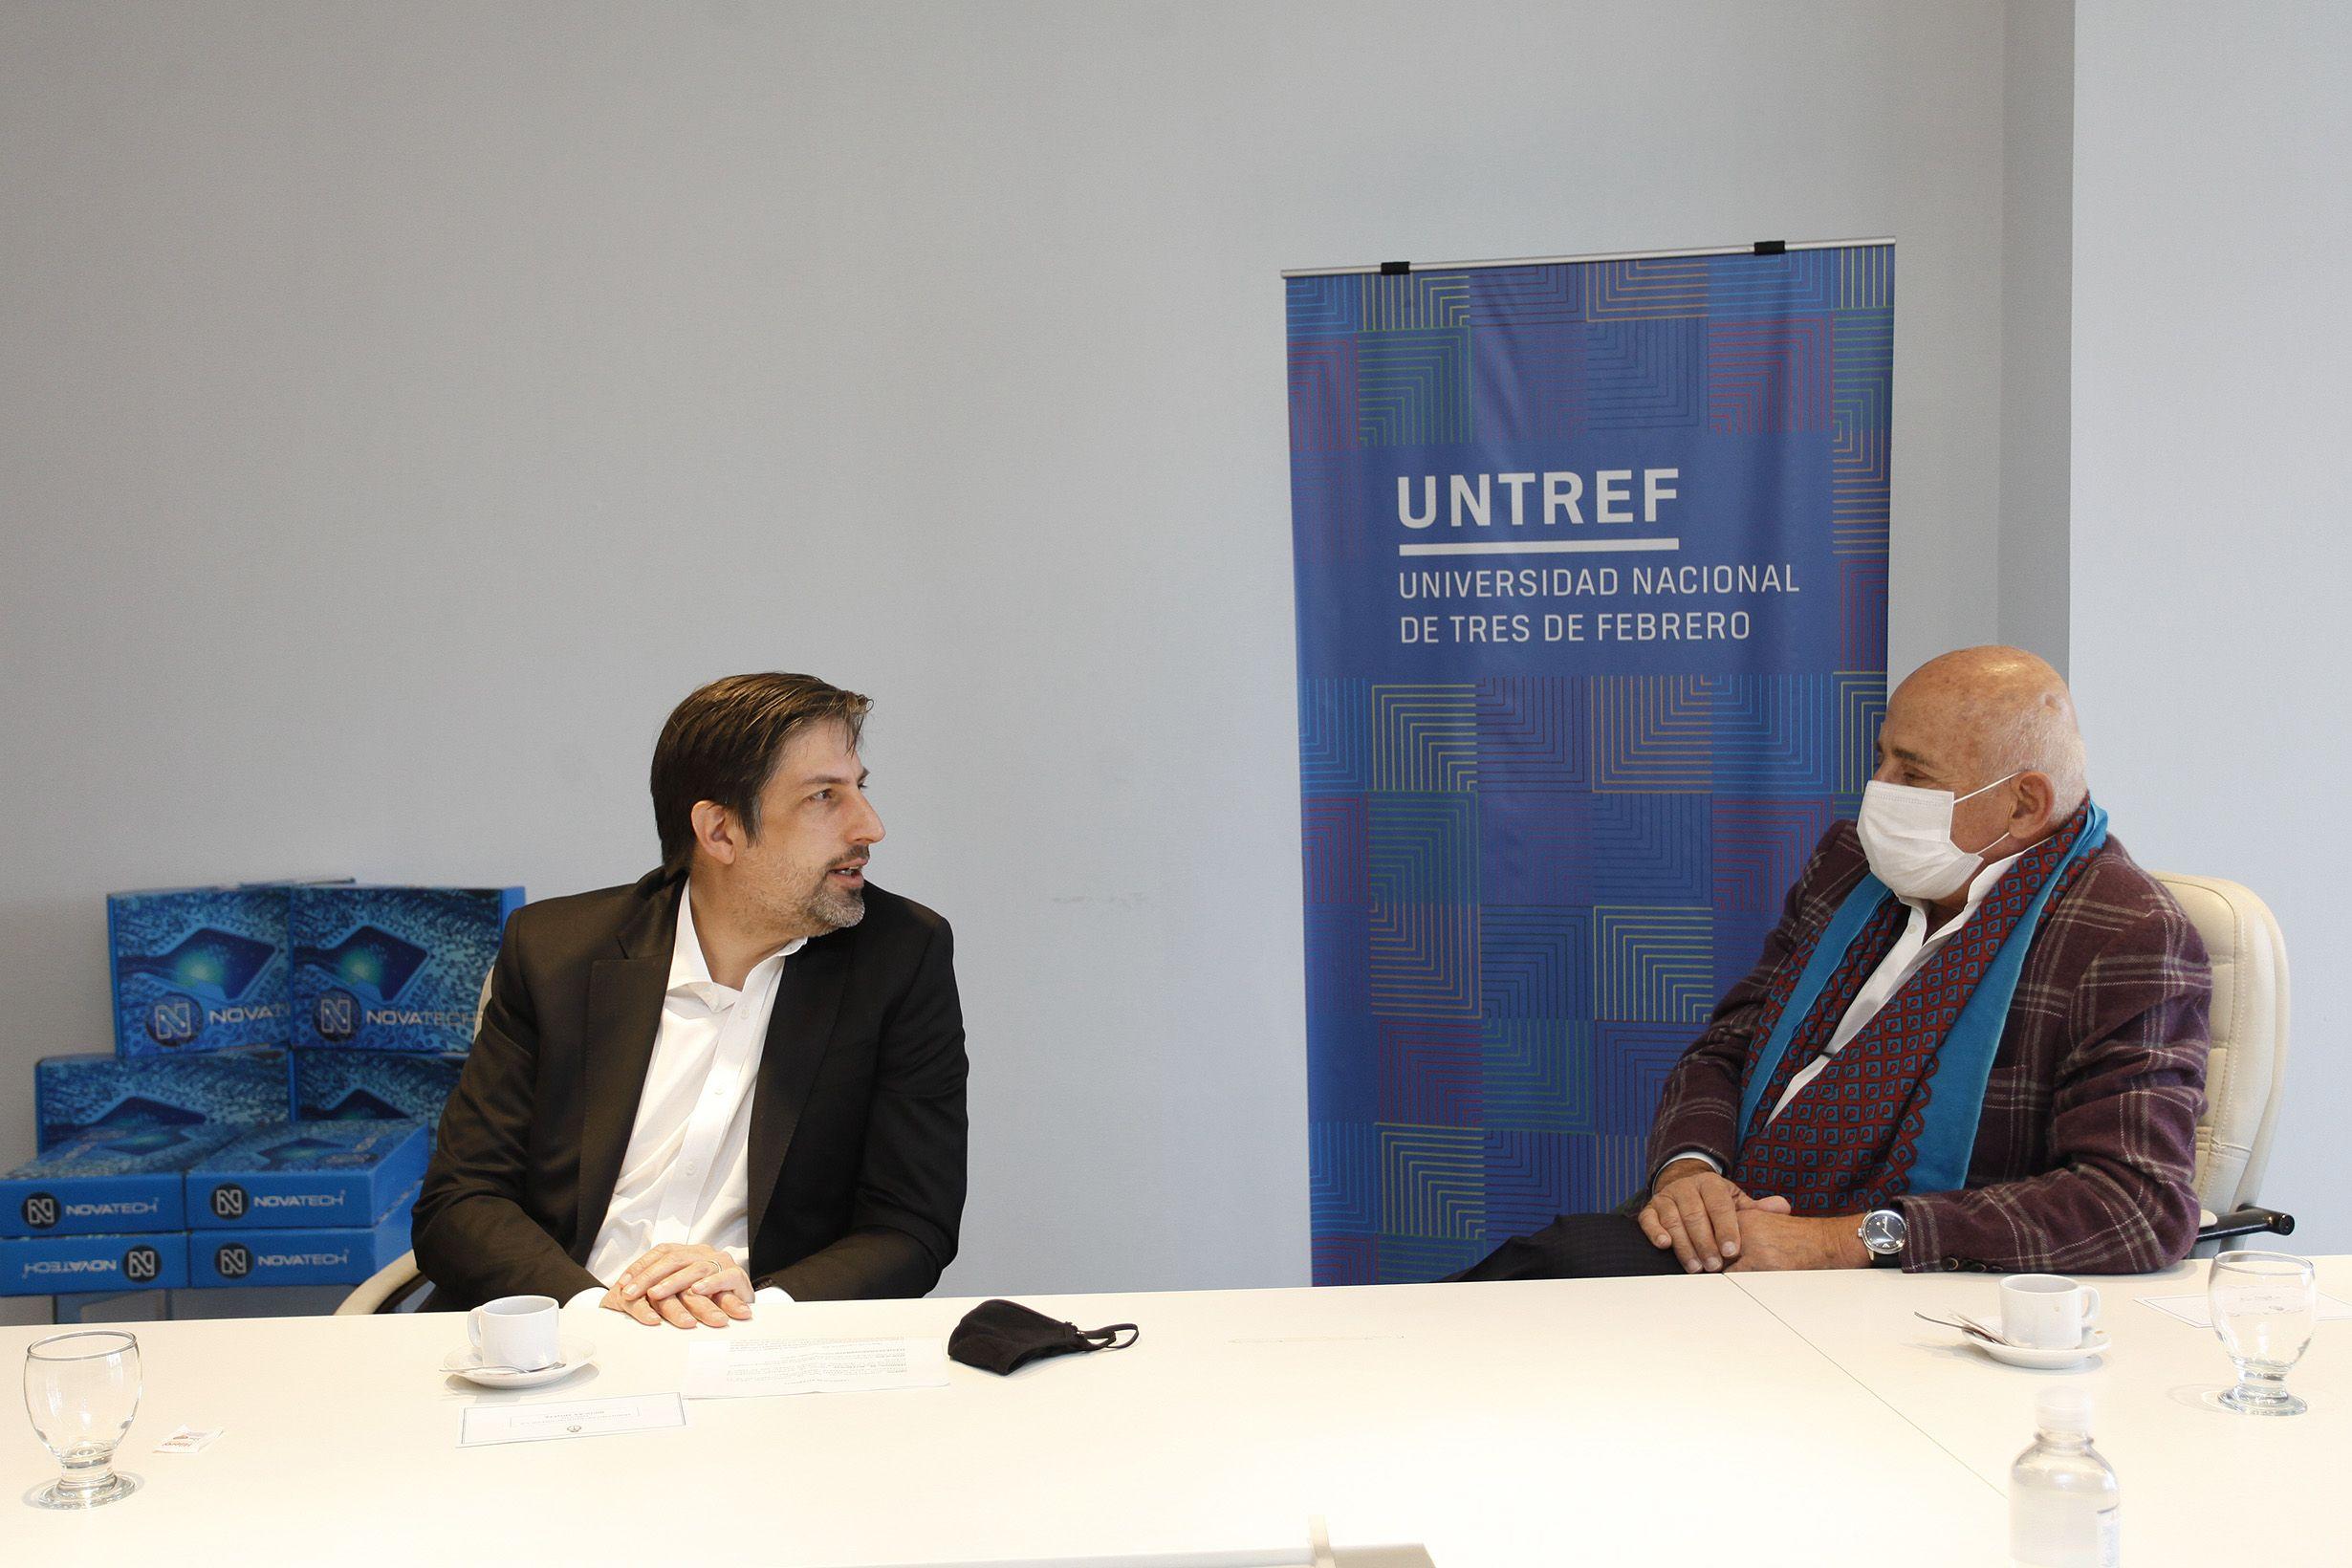 El ministro de educación Nicolás Trotta y el rector de la UNTREF, Aníbal Jozami, firmaron el acuerdo